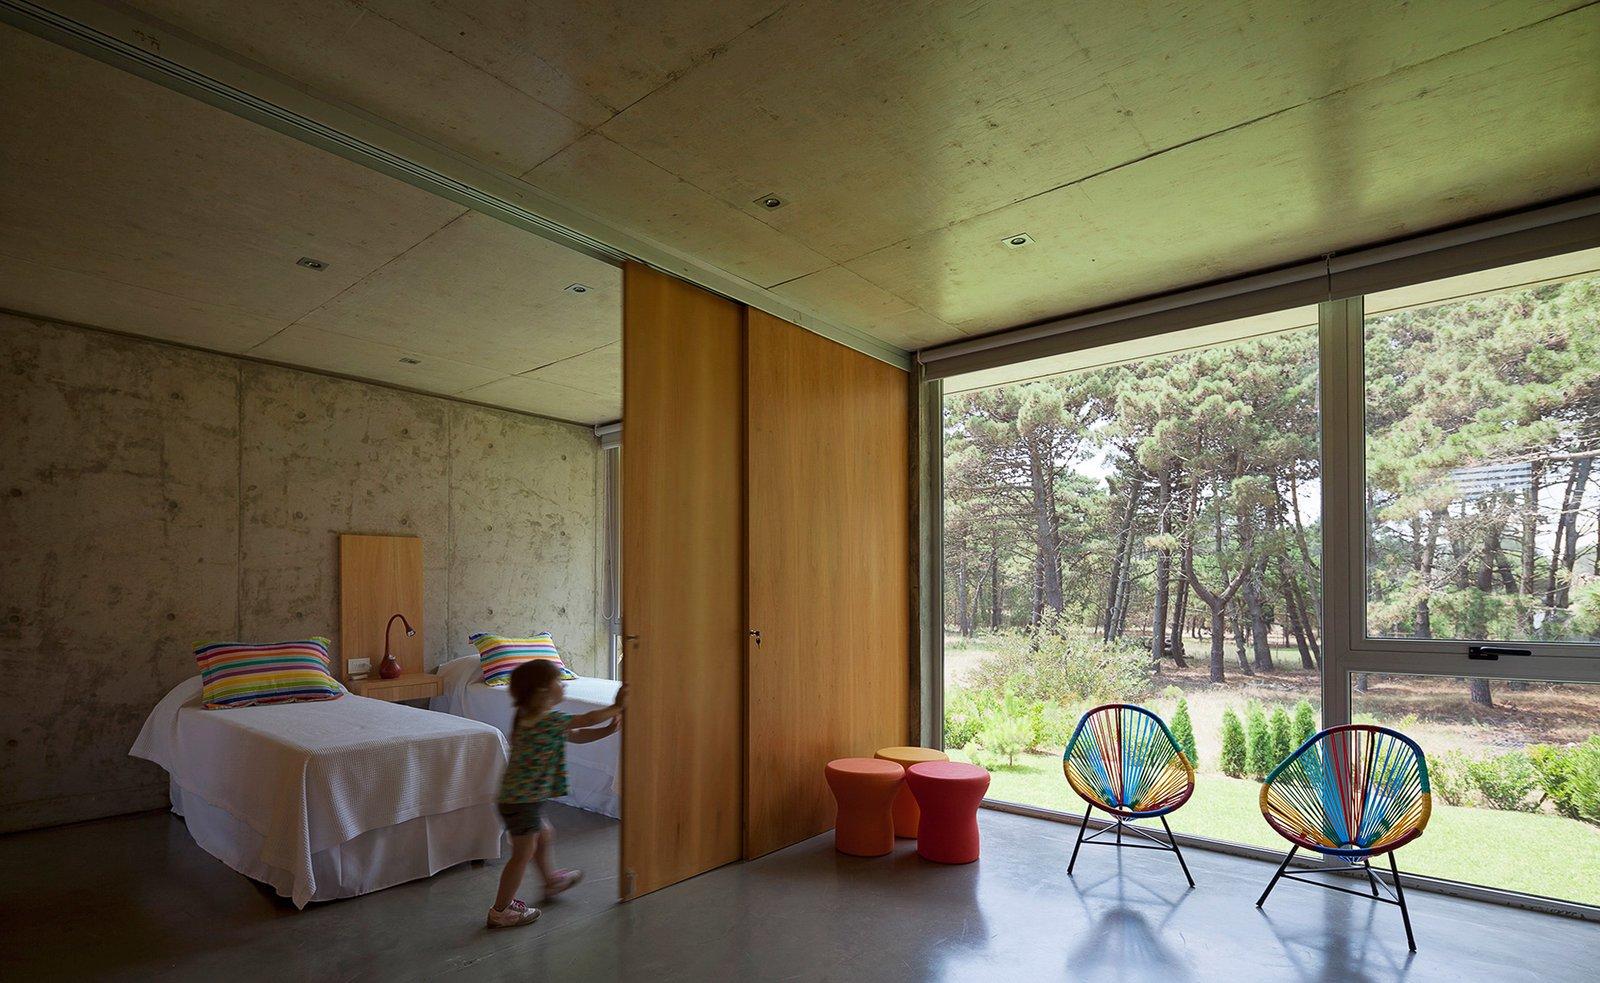 Casa Alamos by Estudio Galera